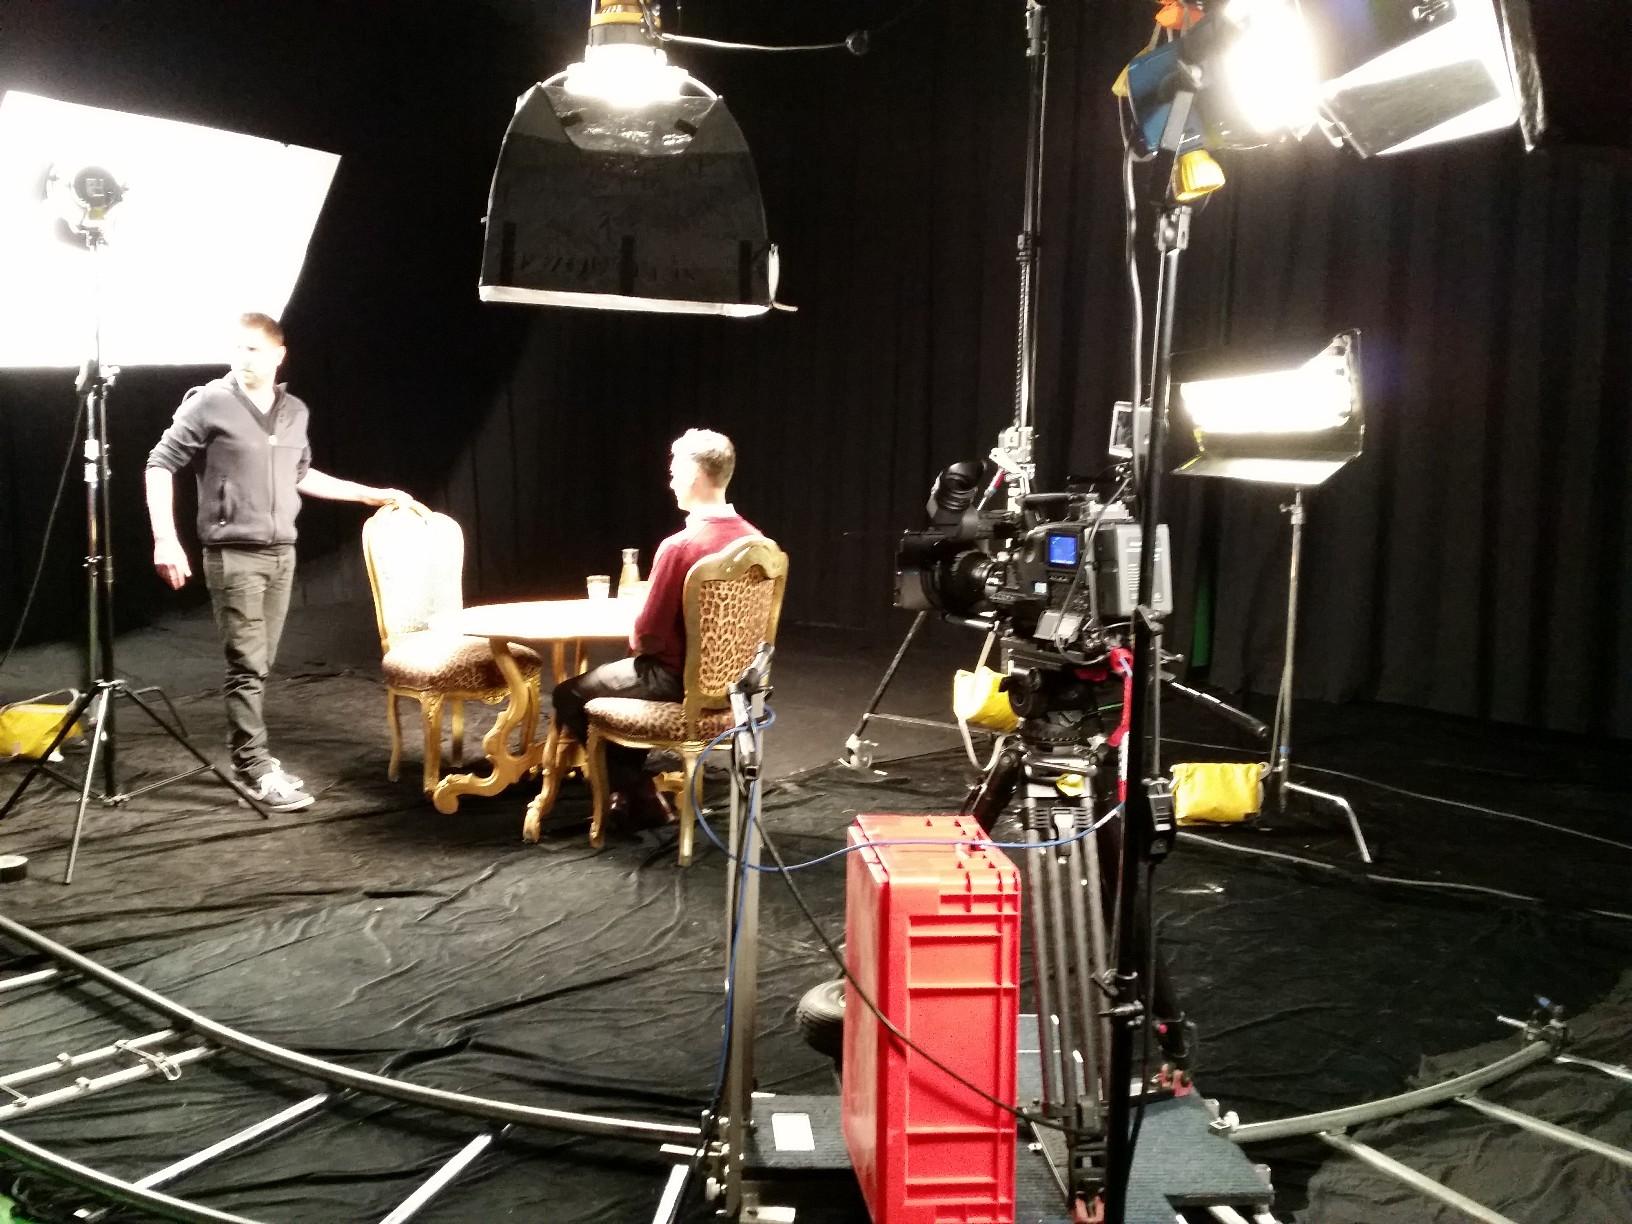 horror scene in de studio. We love special effects